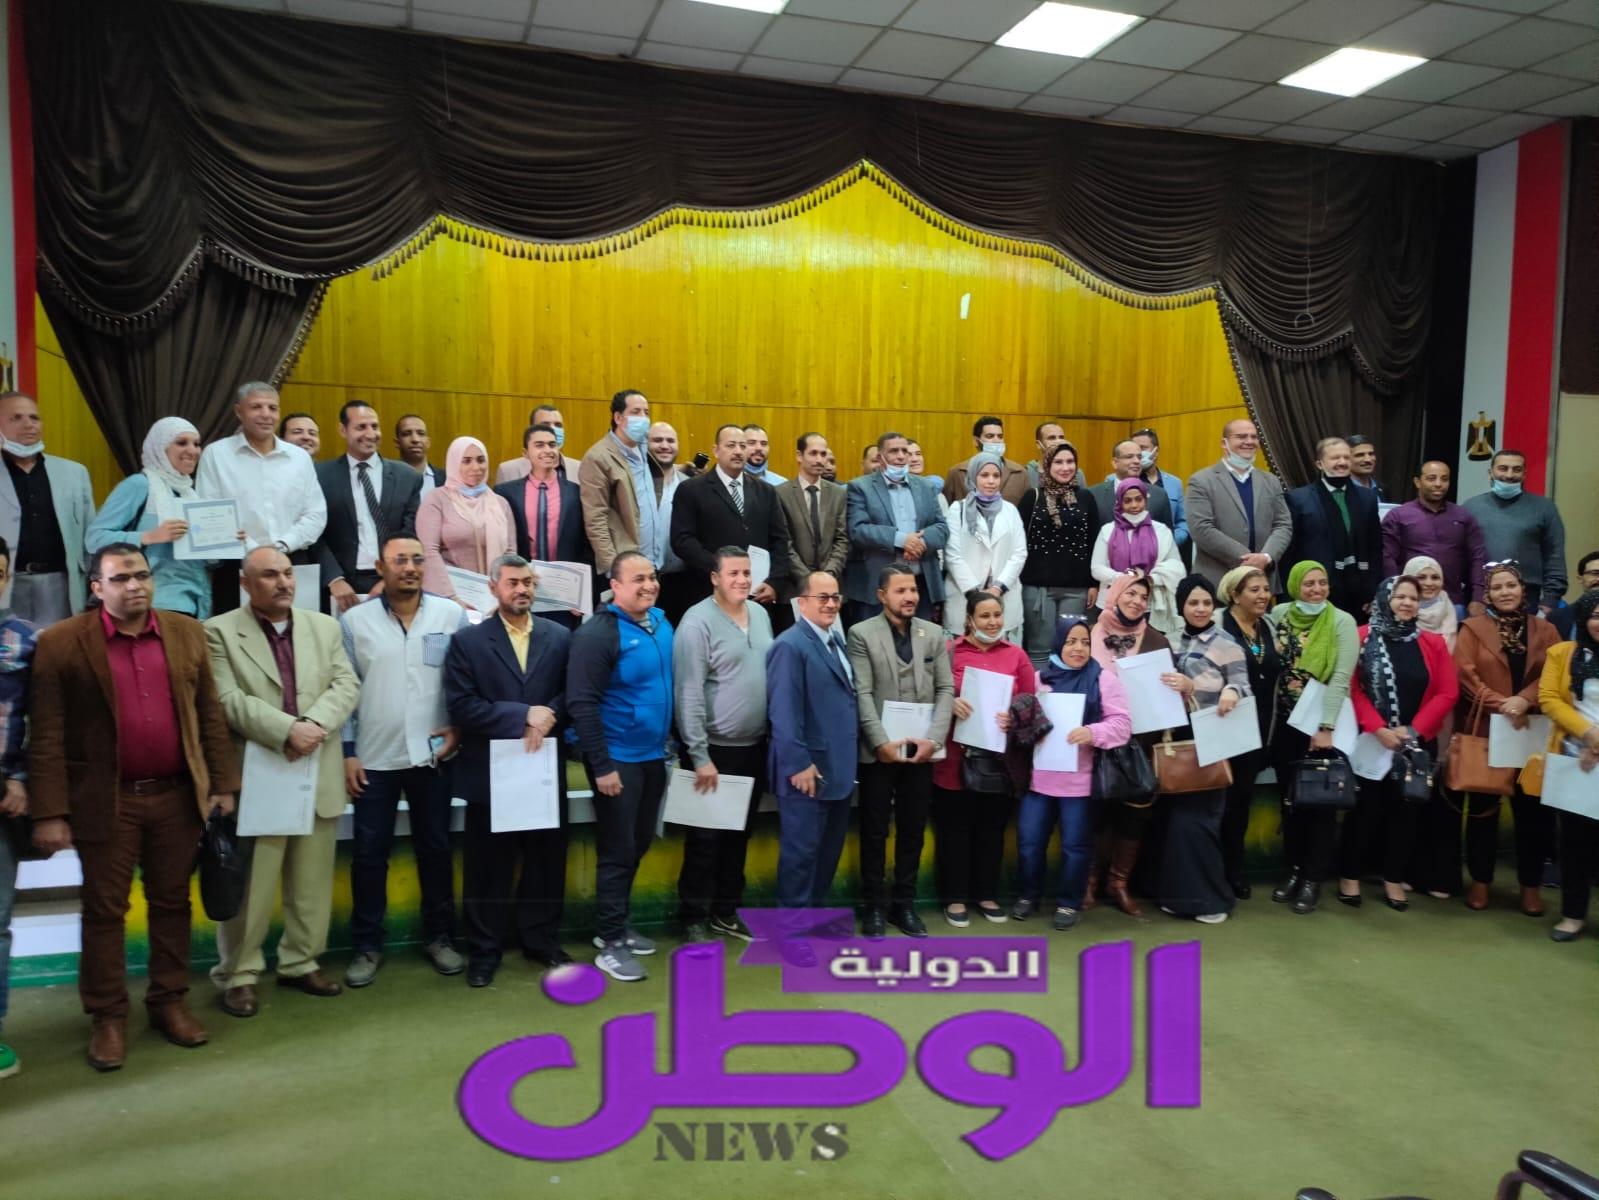 إتحاد نقابات عمال مصر يختتم فعاليات البرنامج السياسى لتأهيل الشباب